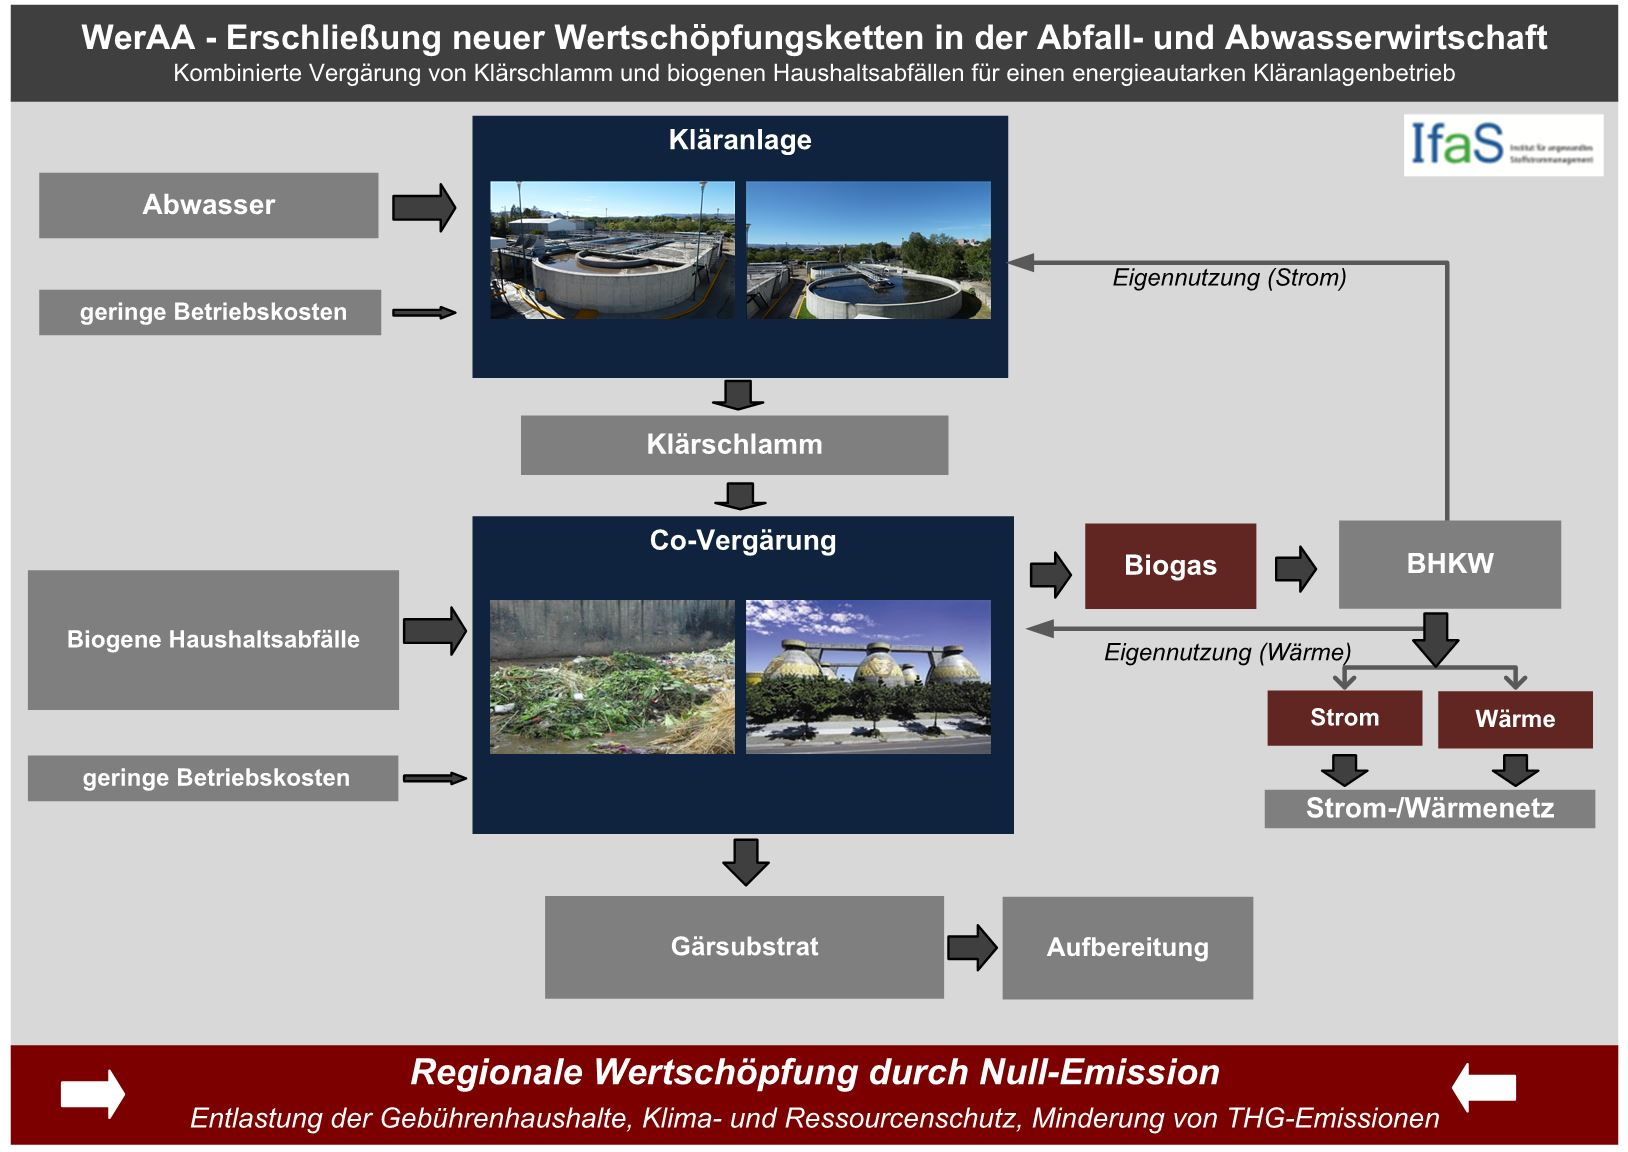 Abbildung 1: Projektansatz in WerAA